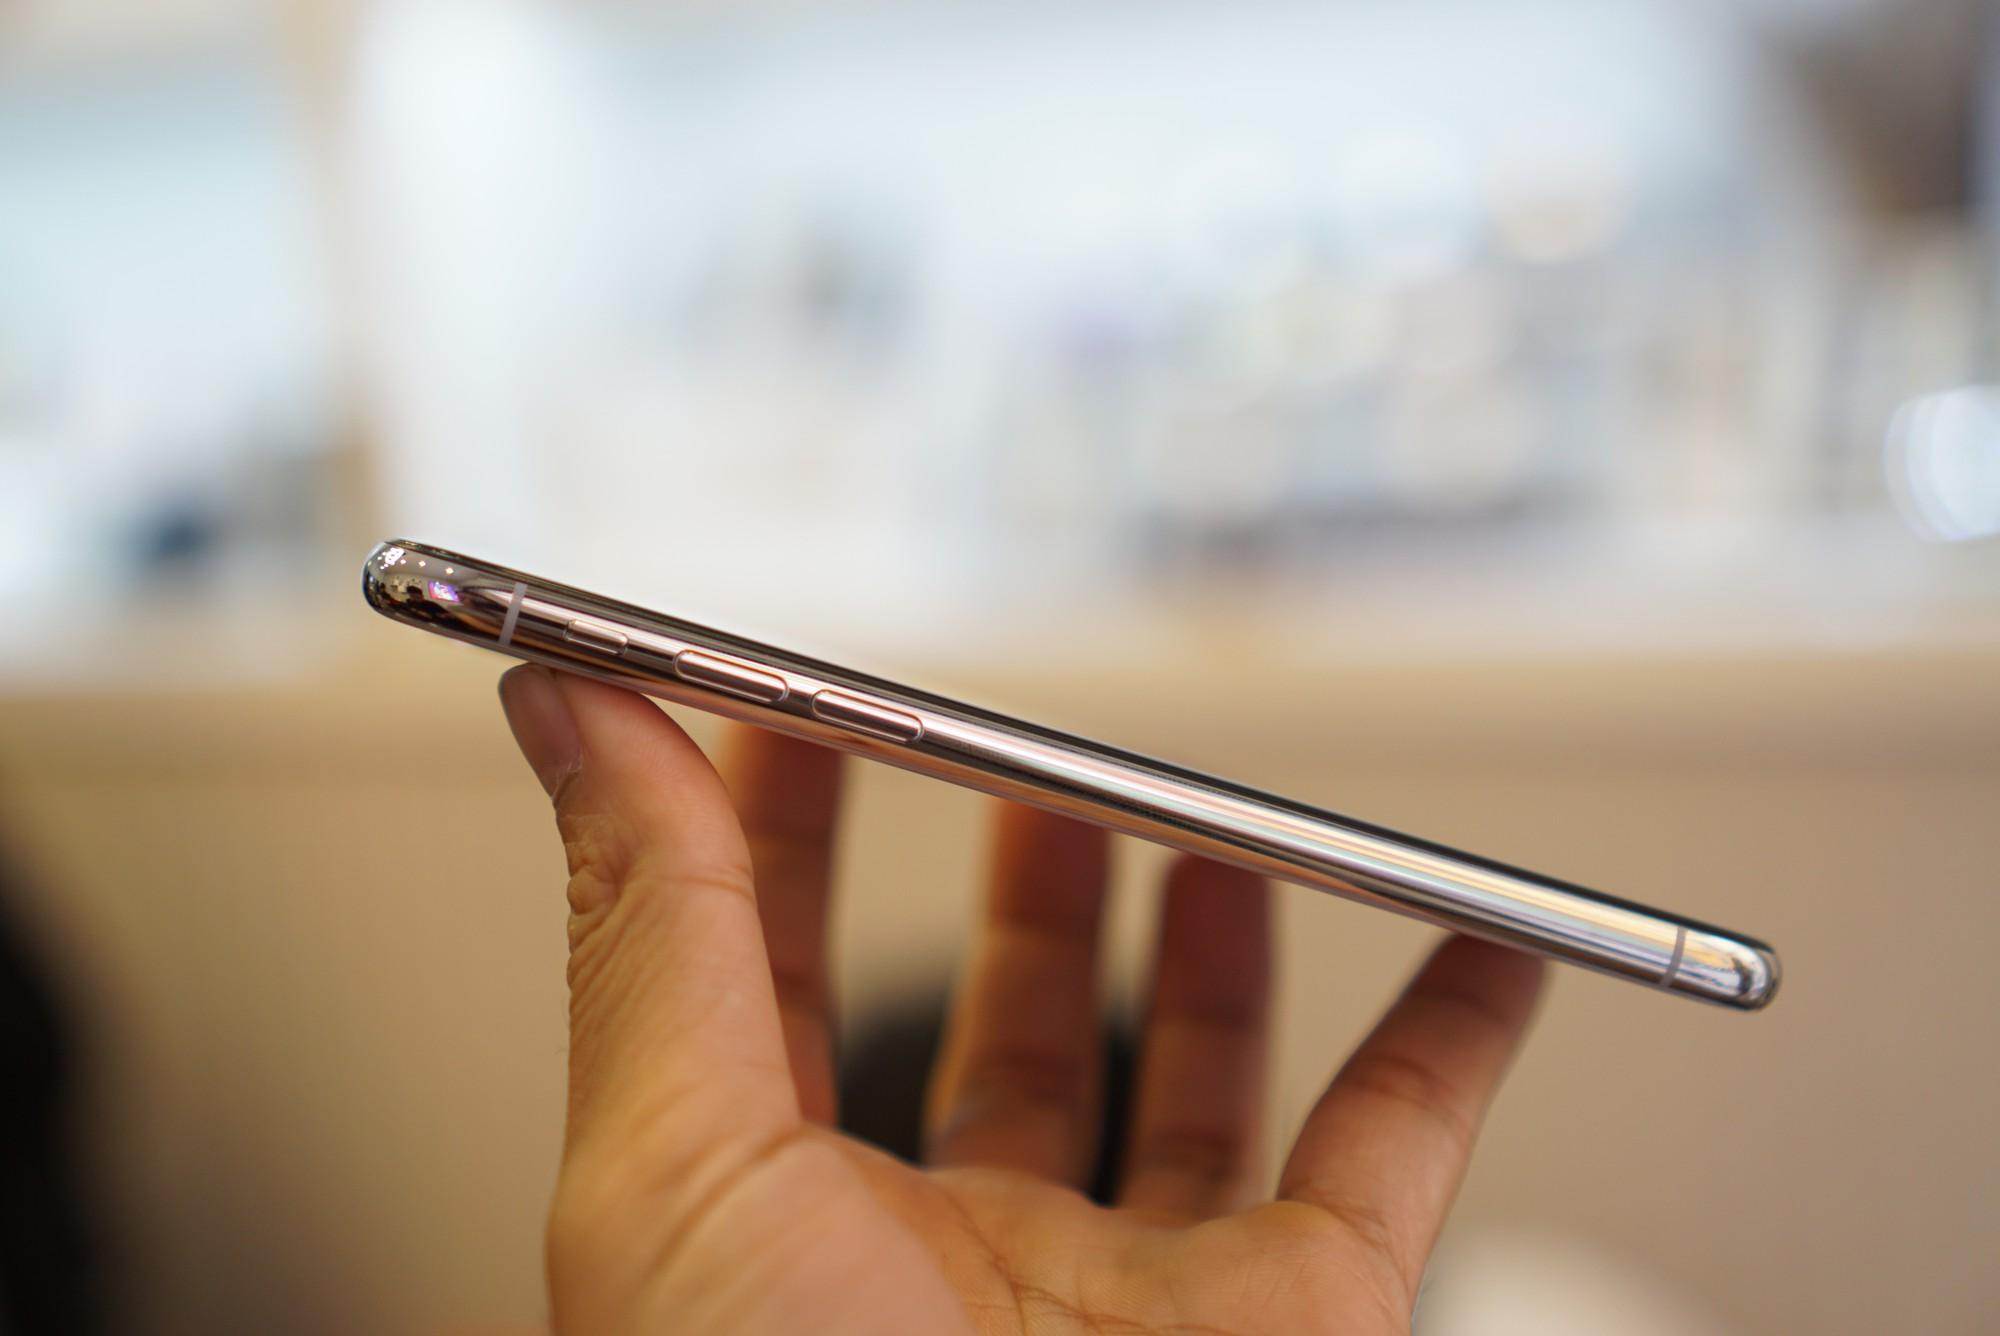 iPhone X giá 68 triệu đây rồi: Màn hình đẹp sắc sảo, thiết kế toàn diện, thao tác hoàn toàn mới 9